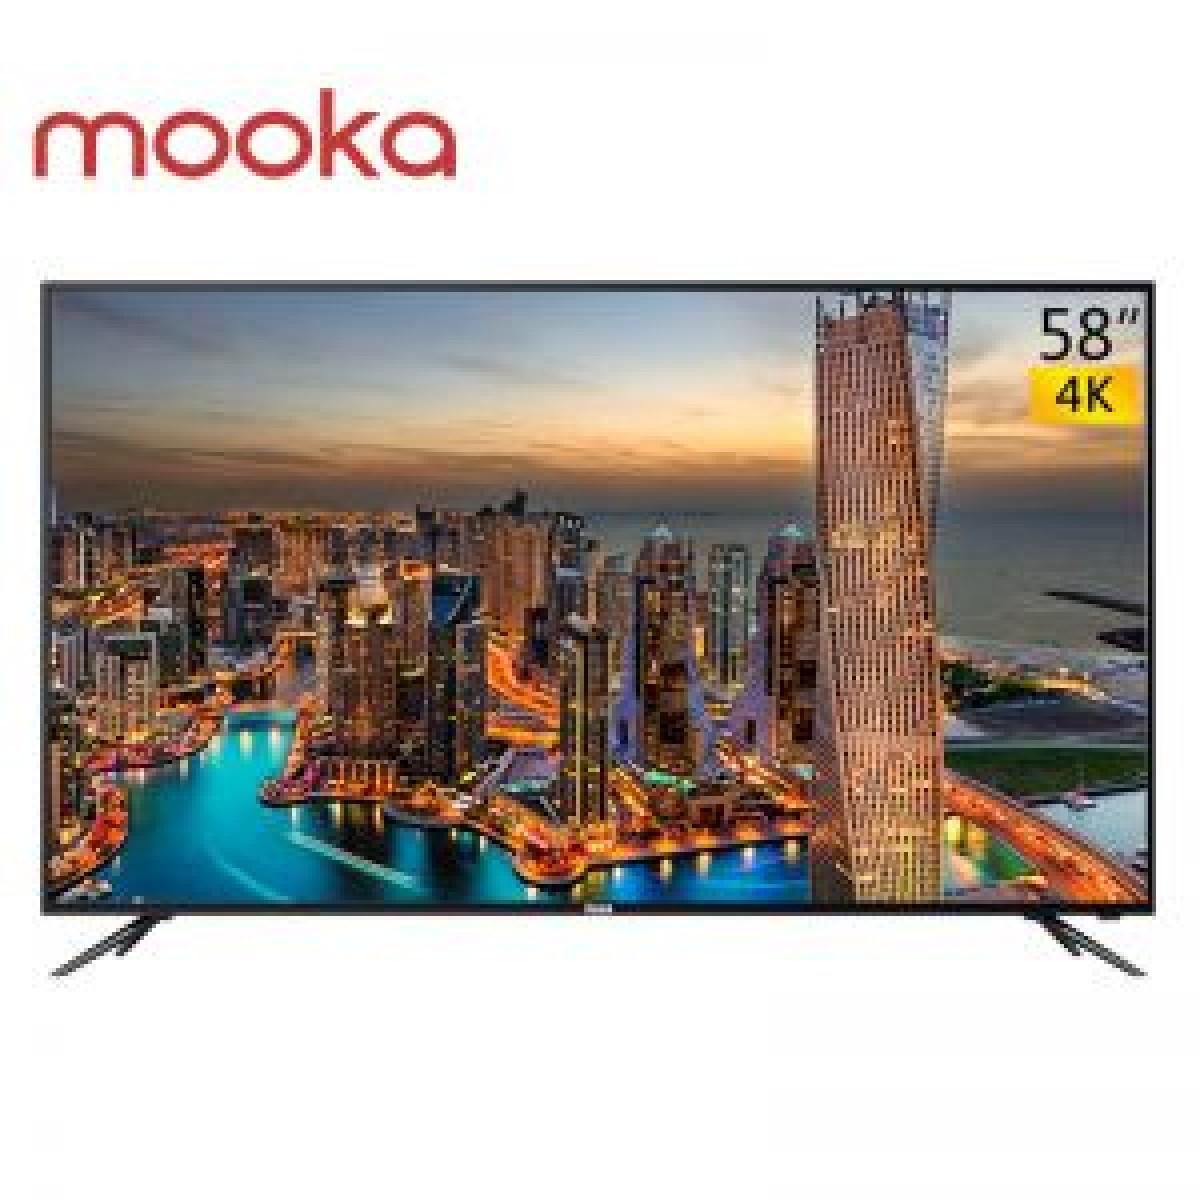 海尔 电视机 U58A5 58英寸 清智电视 led 无线网络 4K